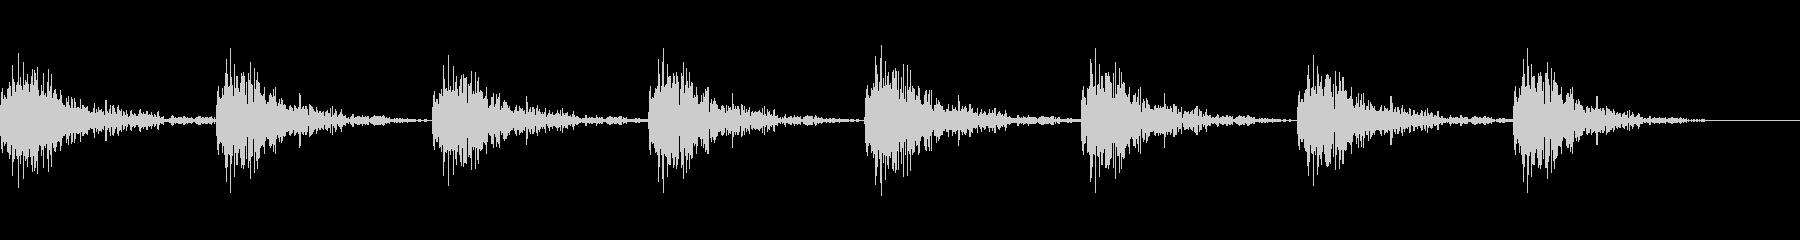 どすん(巨人、歩く、足音)A03の未再生の波形